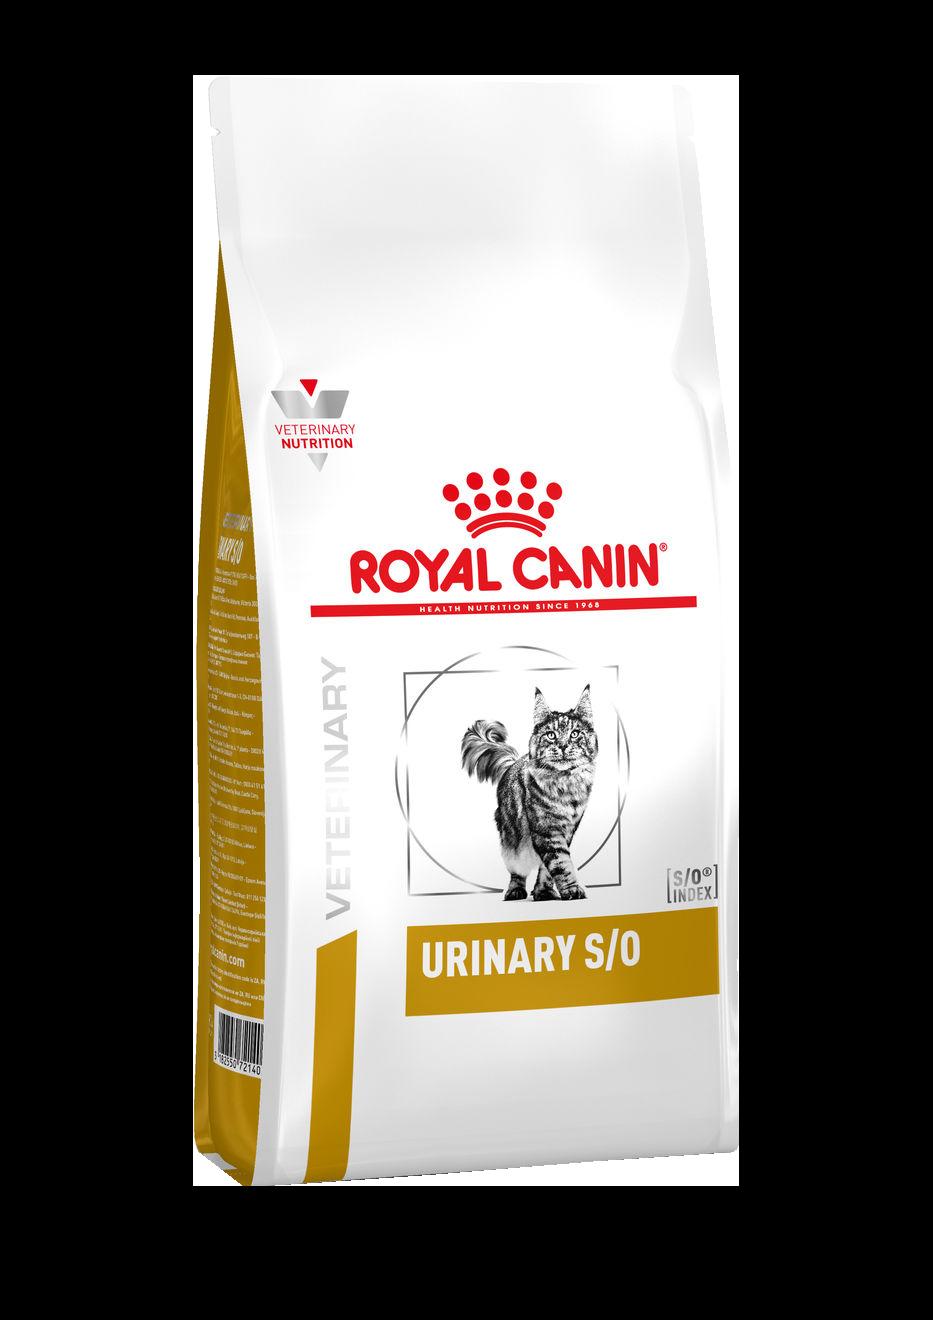 ROYAL CANIN Urinary S/O - Диета для кошек при заболеваниях дистального отдела мочевыделительной системы